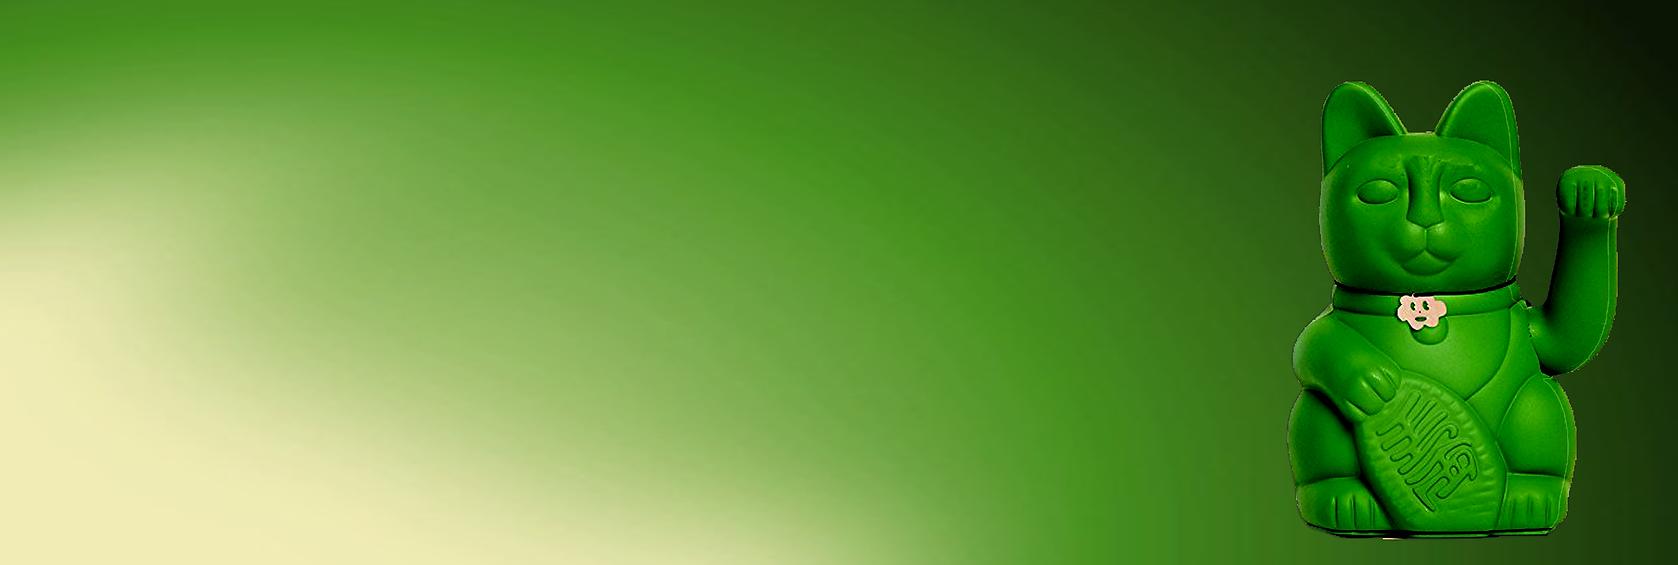 gattro verde.png